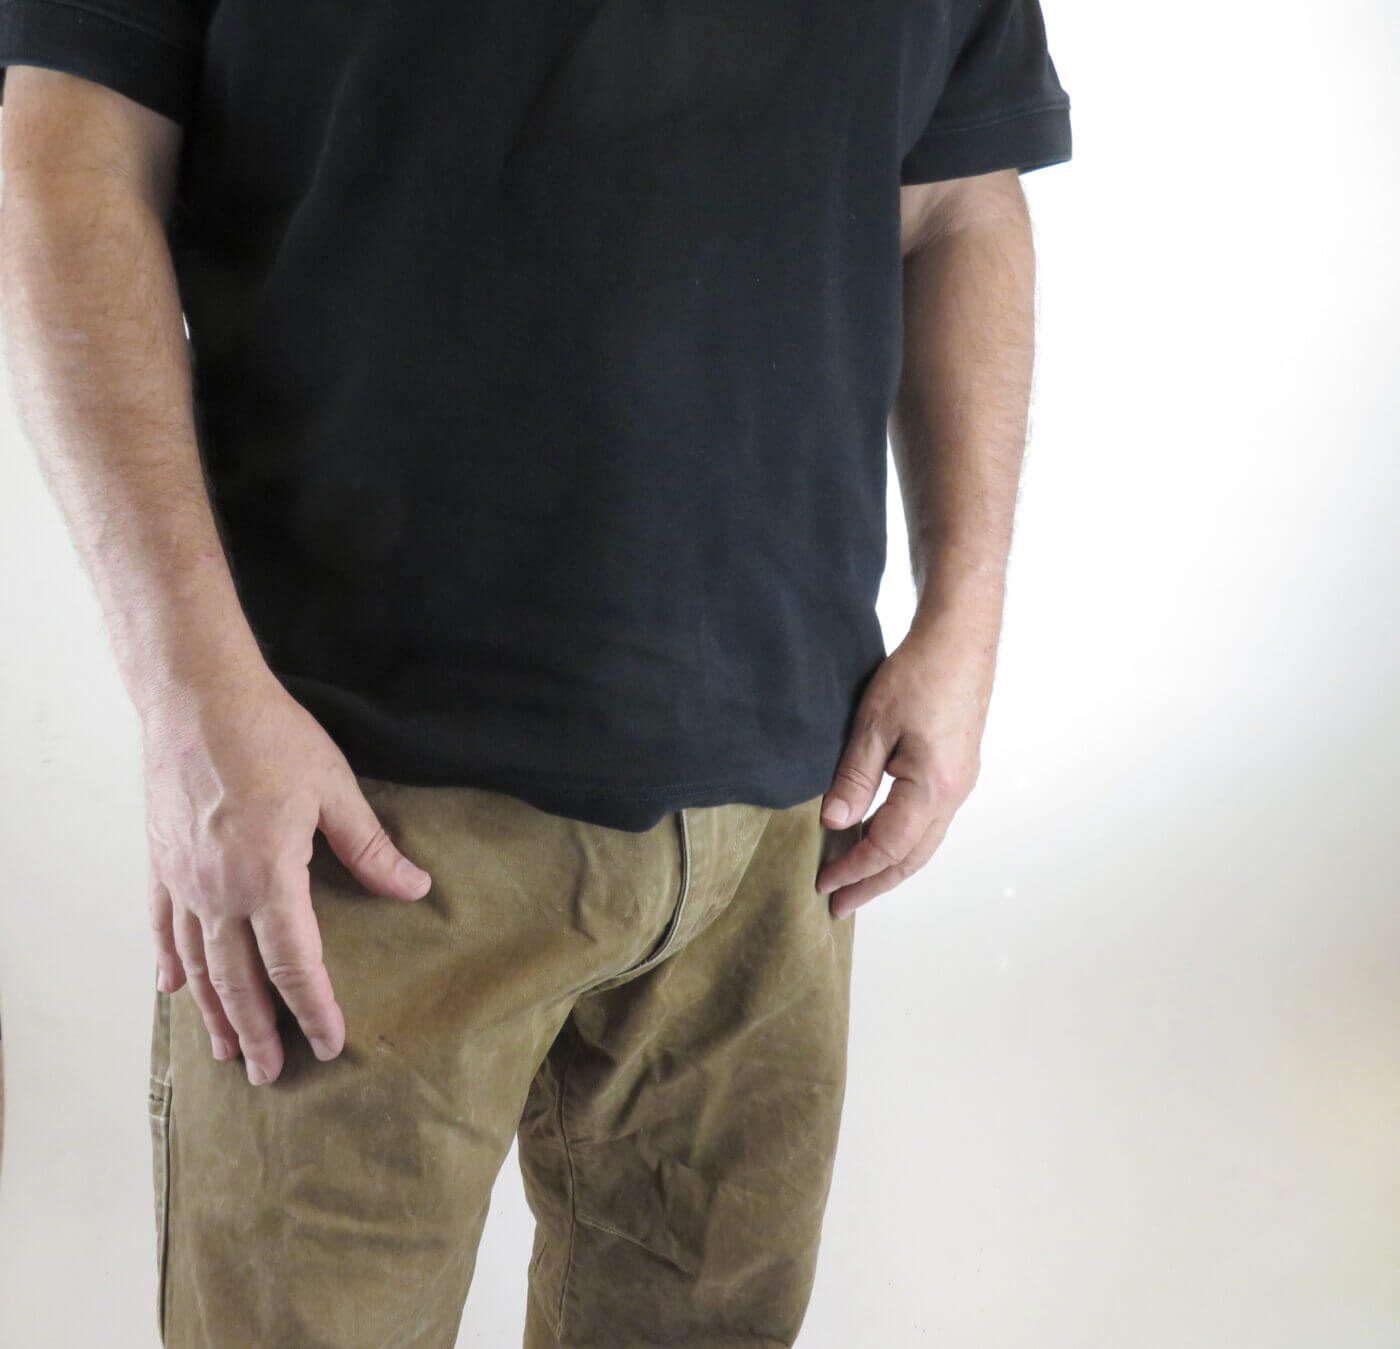 Concealed handgun under shirt